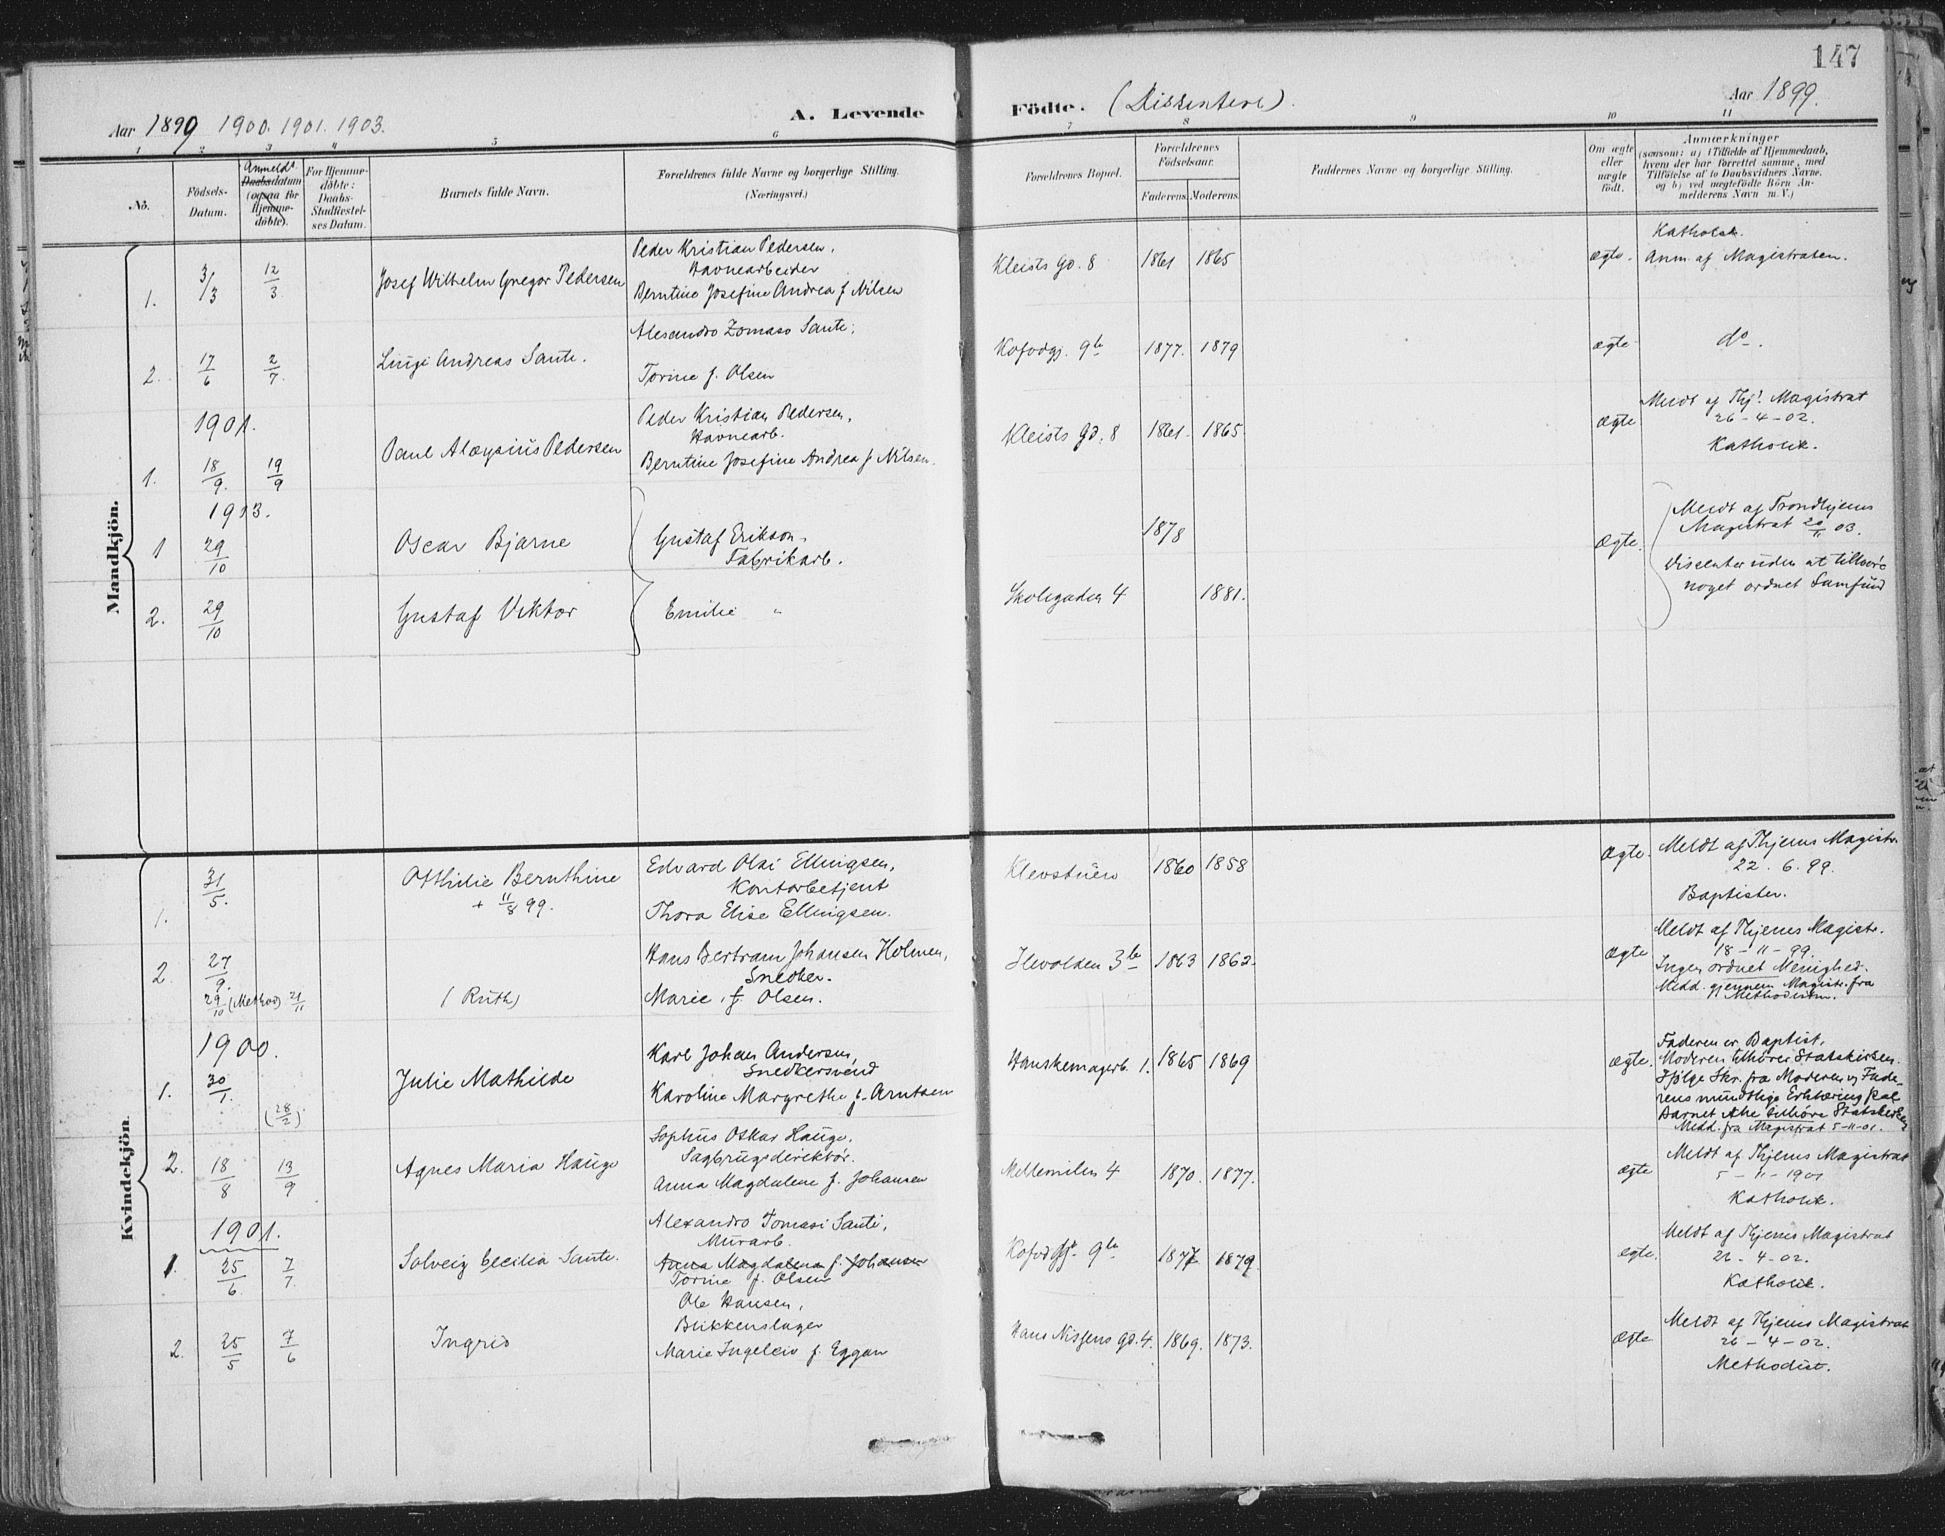 SAT, Ministerialprotokoller, klokkerbøker og fødselsregistre - Sør-Trøndelag, 603/L0167: Ministerialbok nr. 603A06, 1896-1932, s. 147